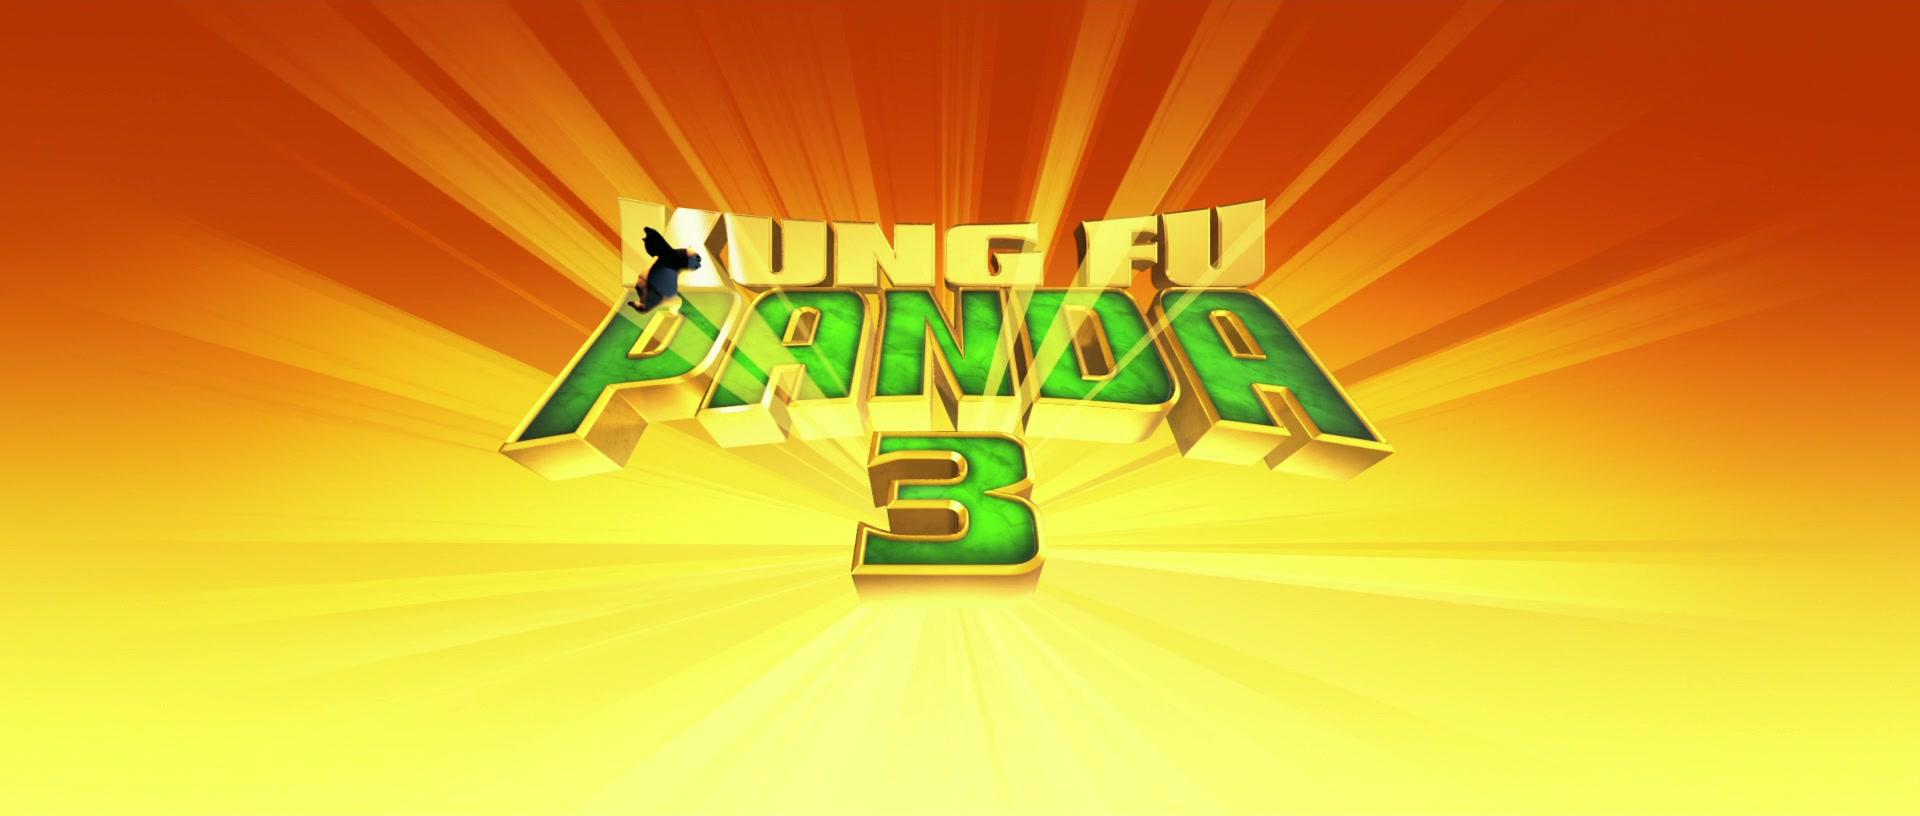 Kung Fu Panda 3/Transcript